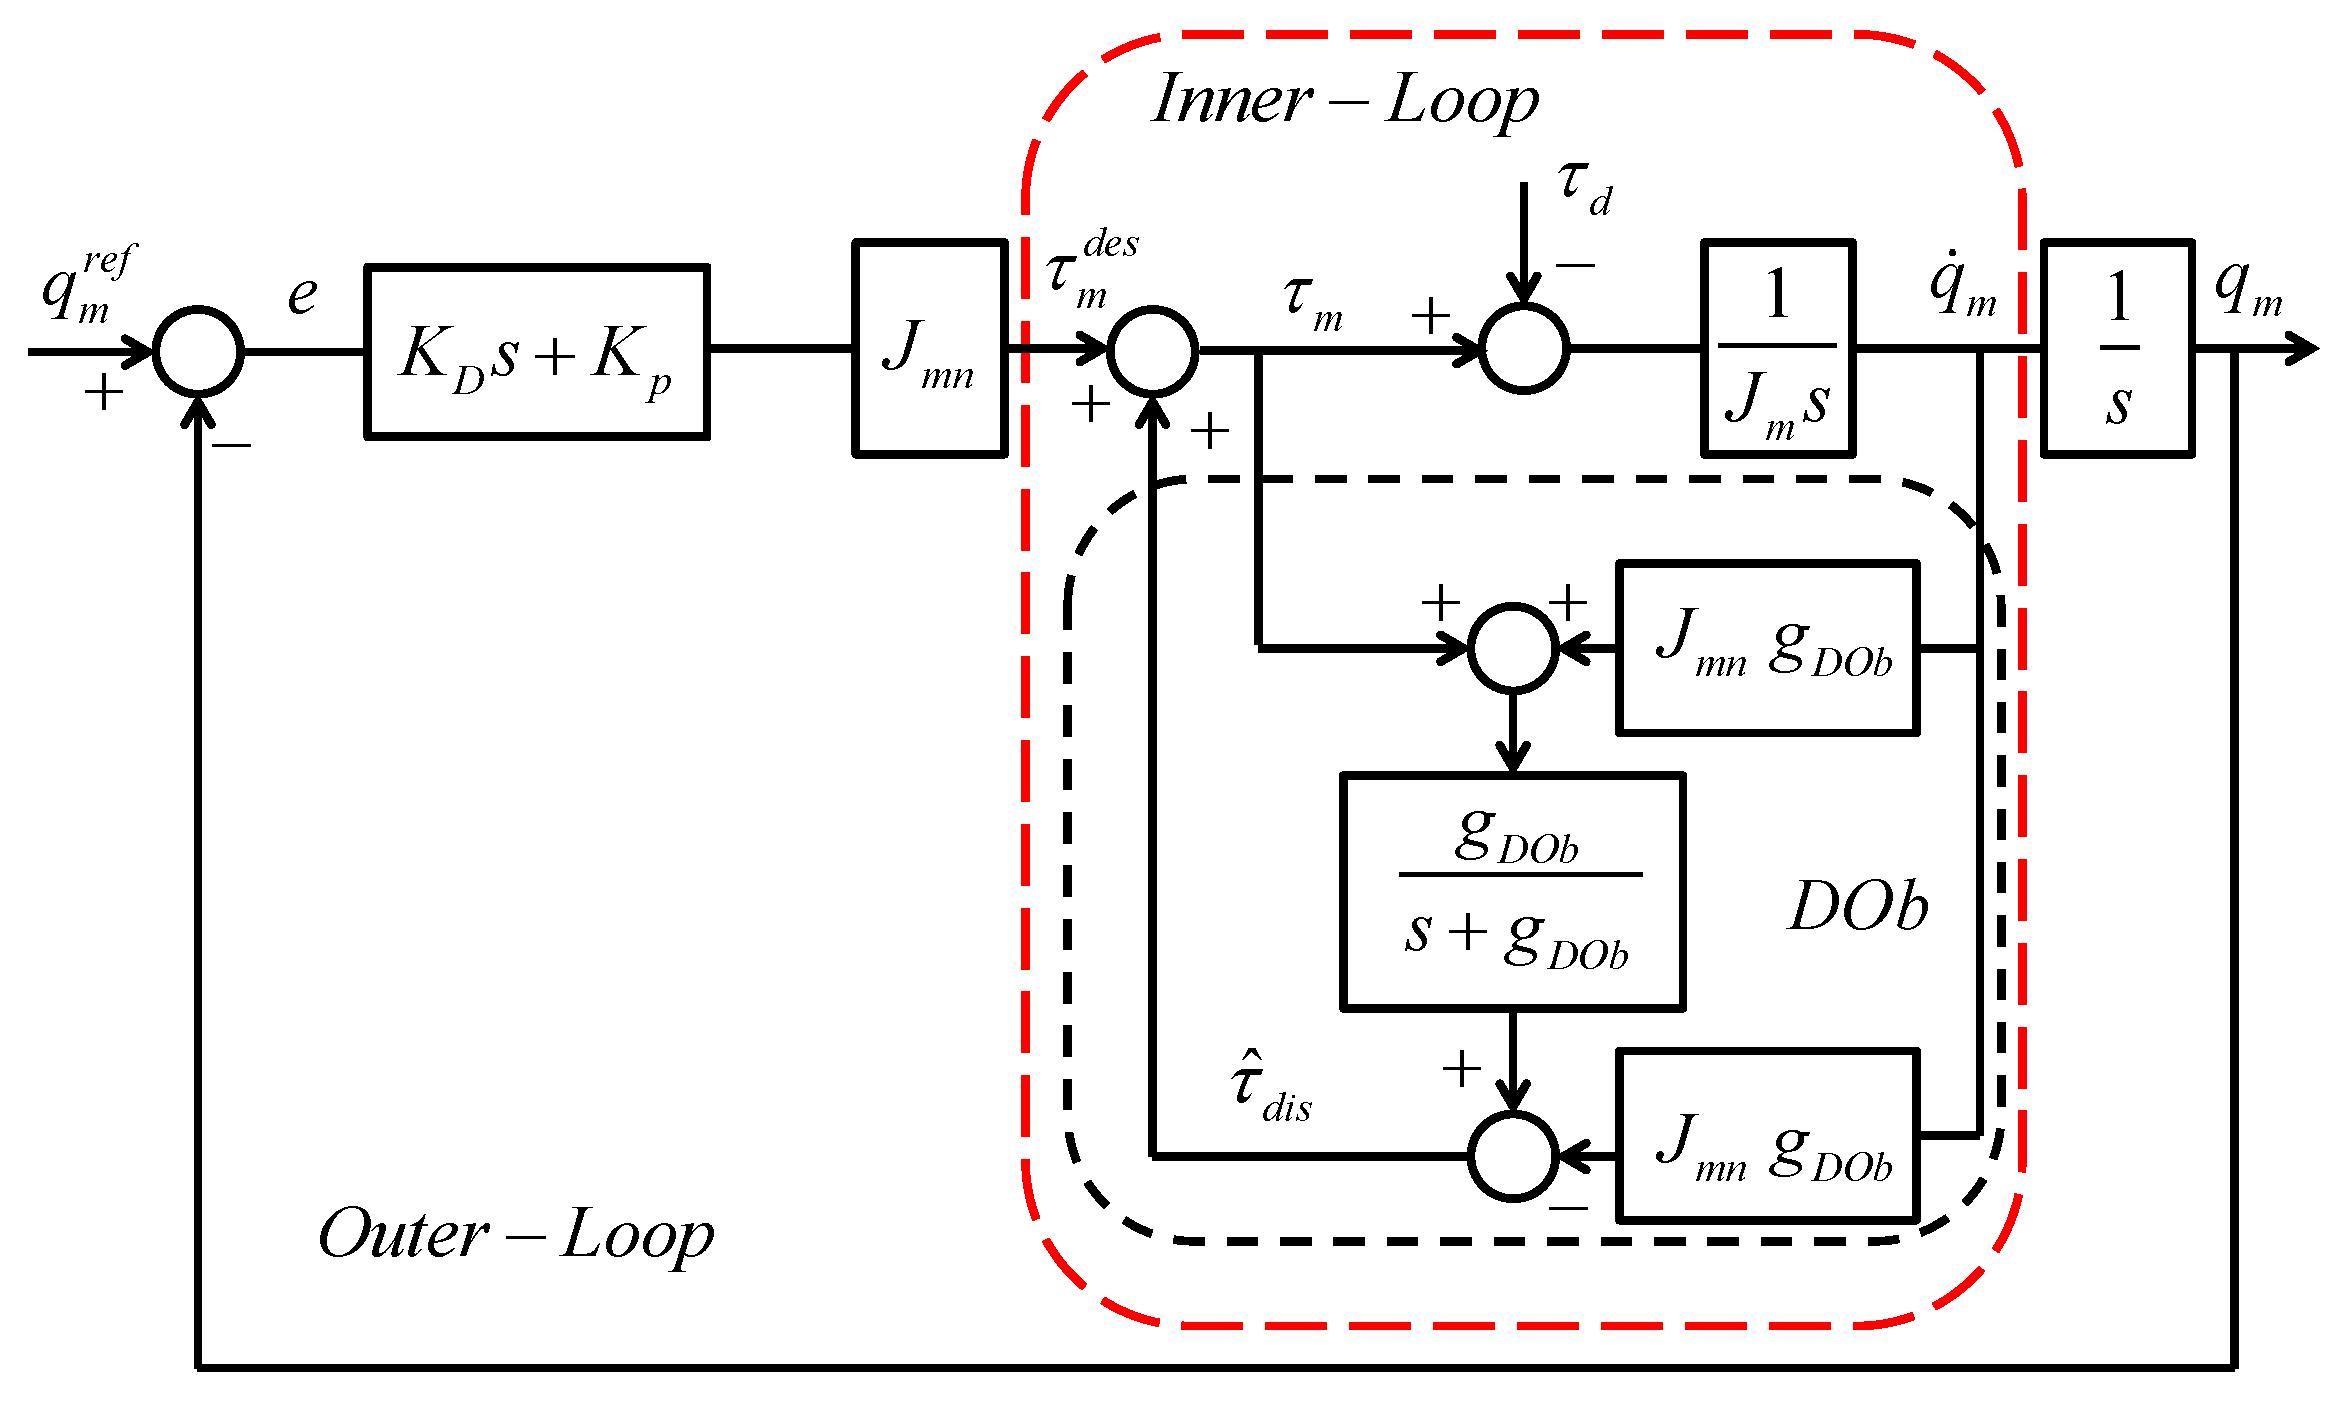 Control System Block Diagram Visio